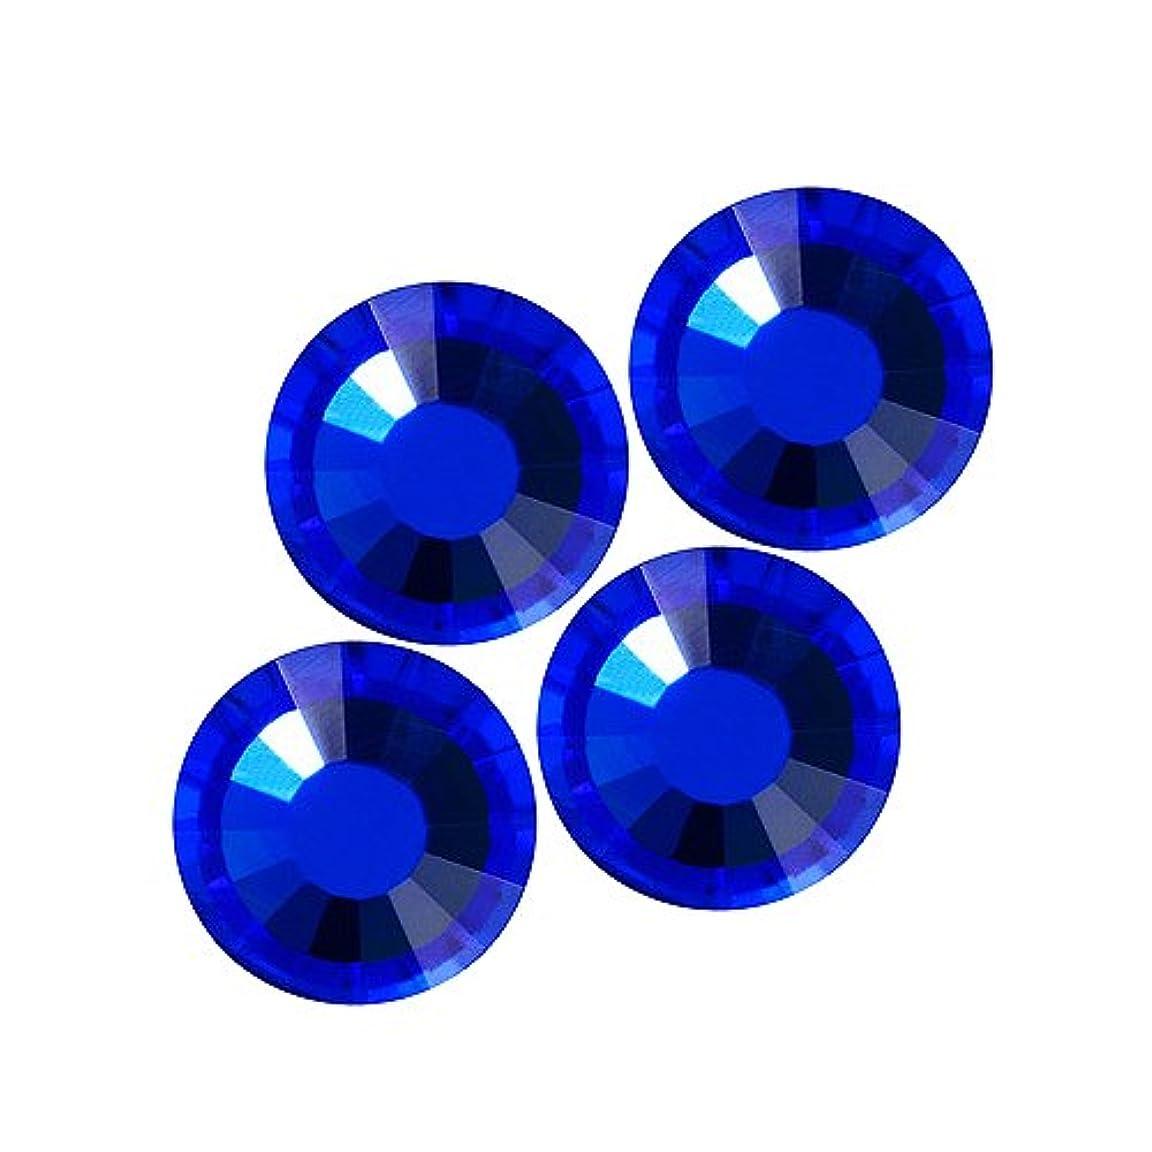 レンディションデモンストレーションアラブ人バイナル DIAMOND RHINESTONE カプリブルー SS8 720粒 ST-SS8-CBU-5G